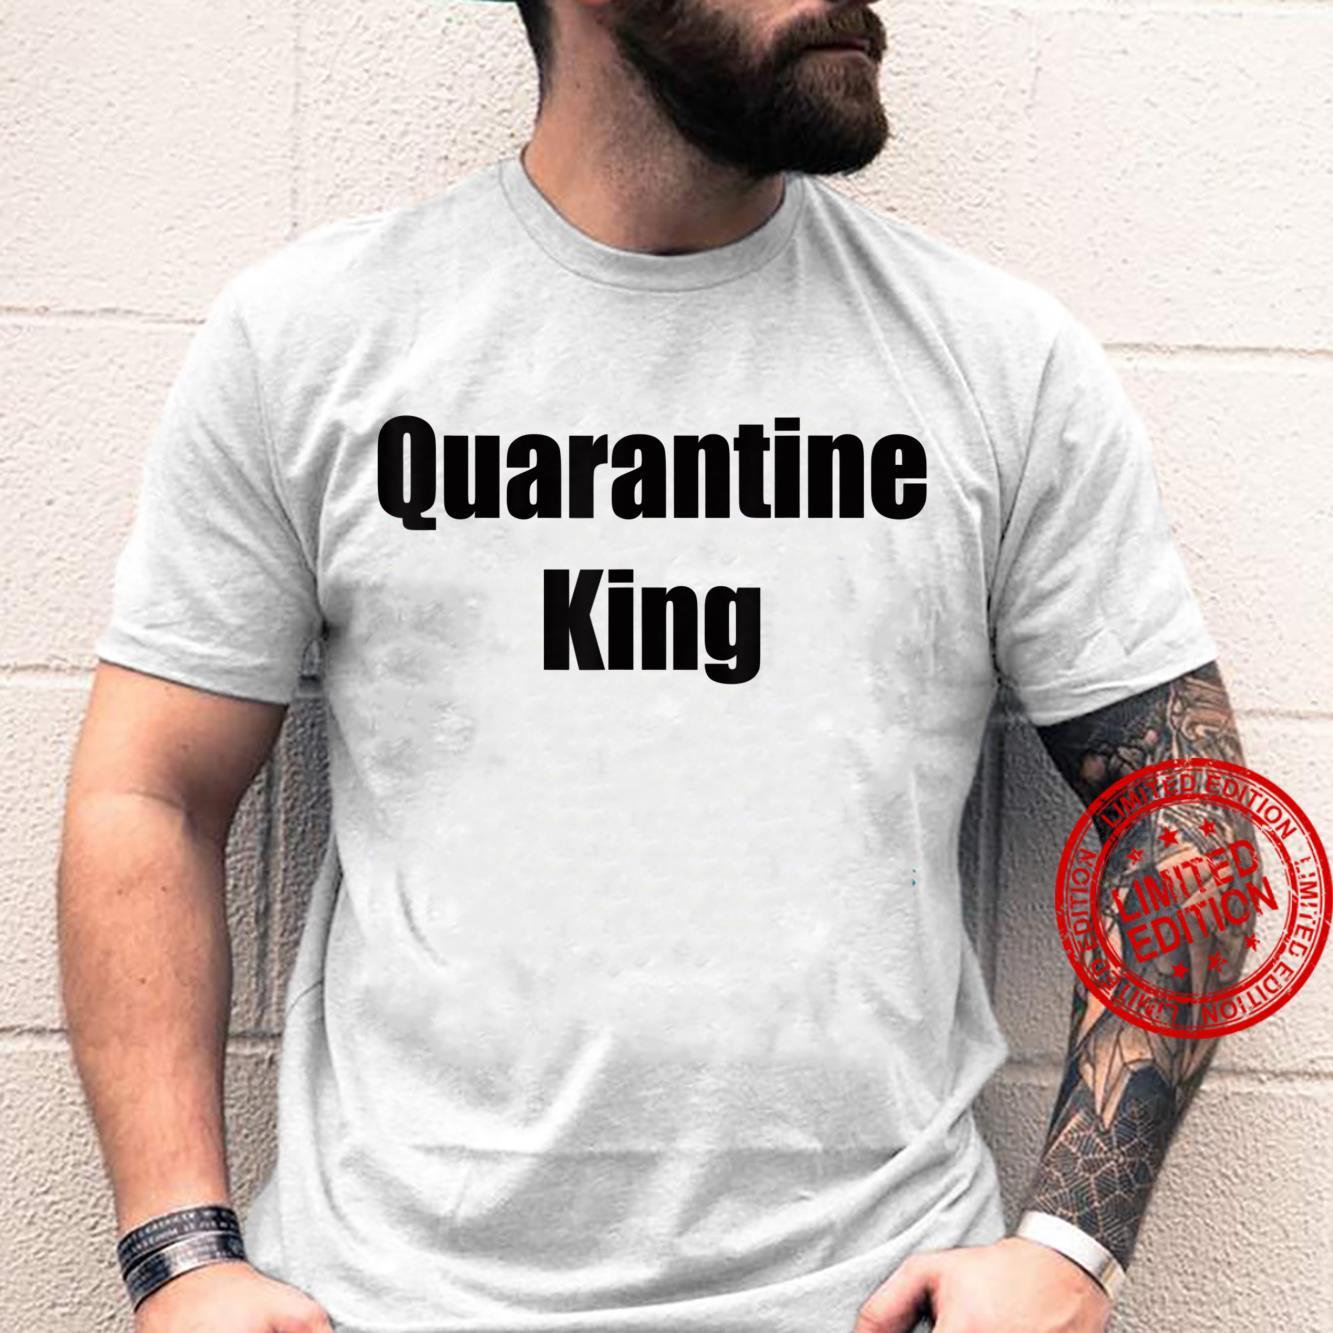 Quarantine King. Shirt